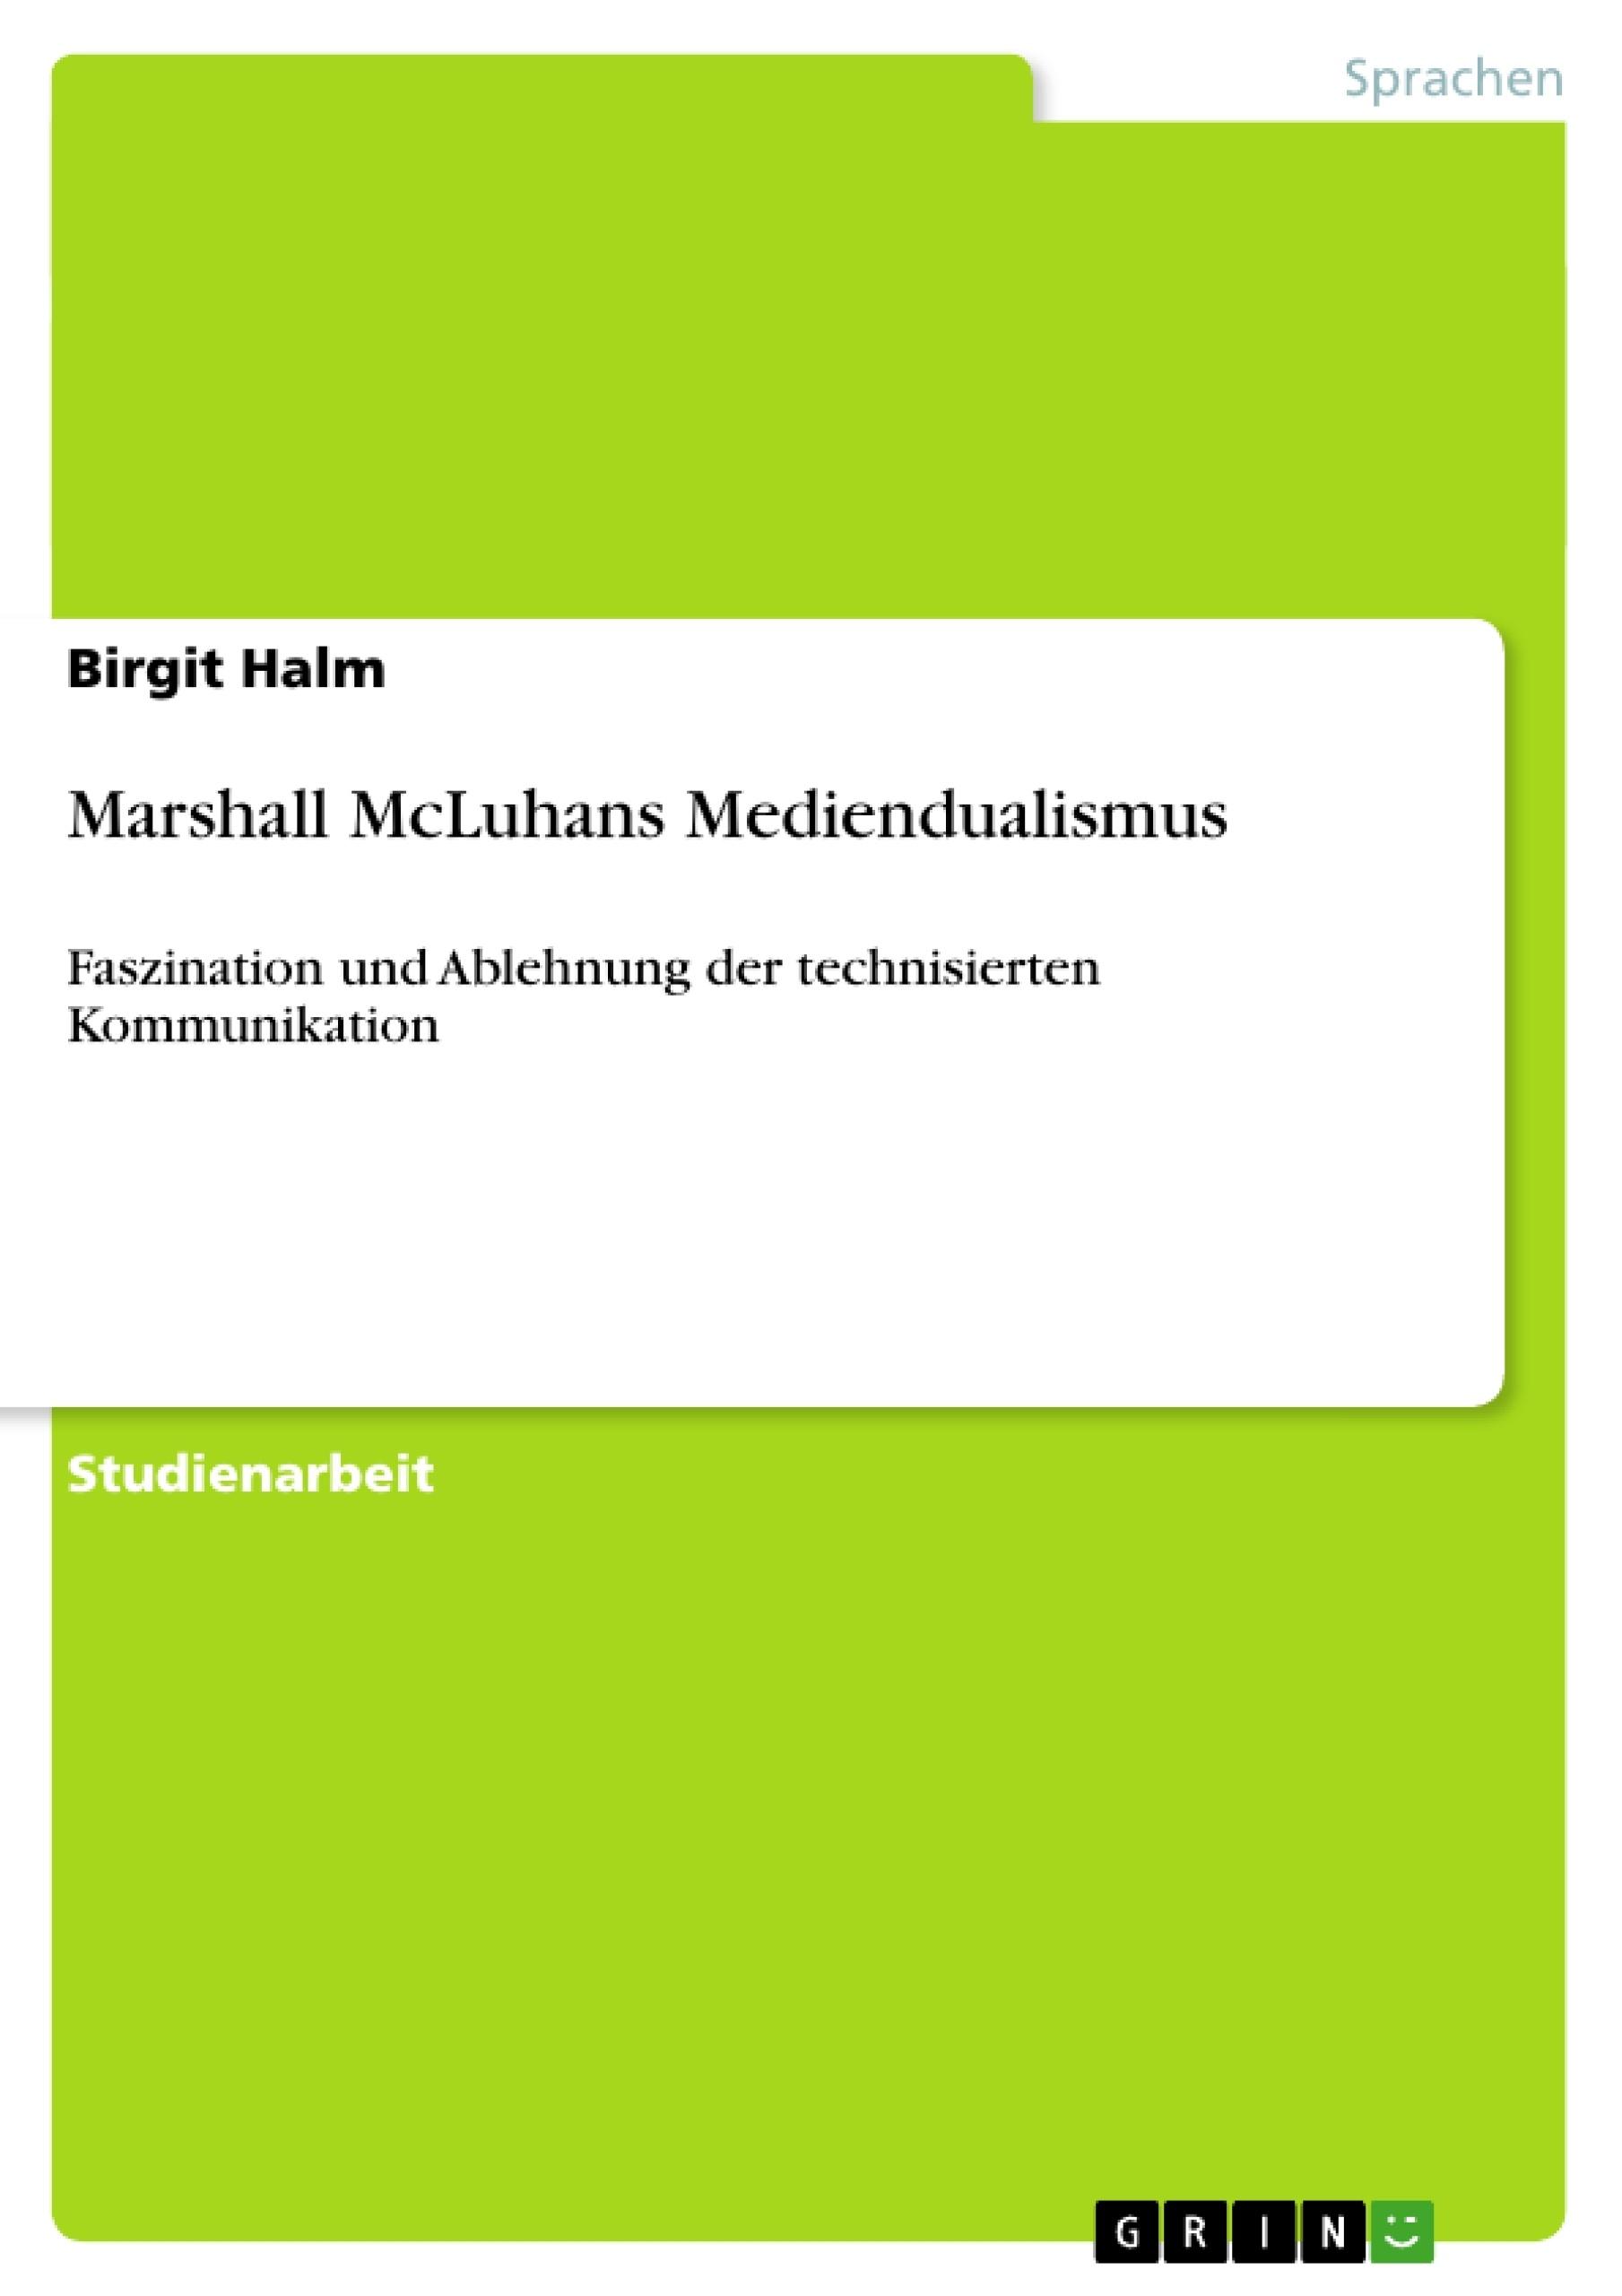 Titel: Marshall McLuhans Mediendualismus